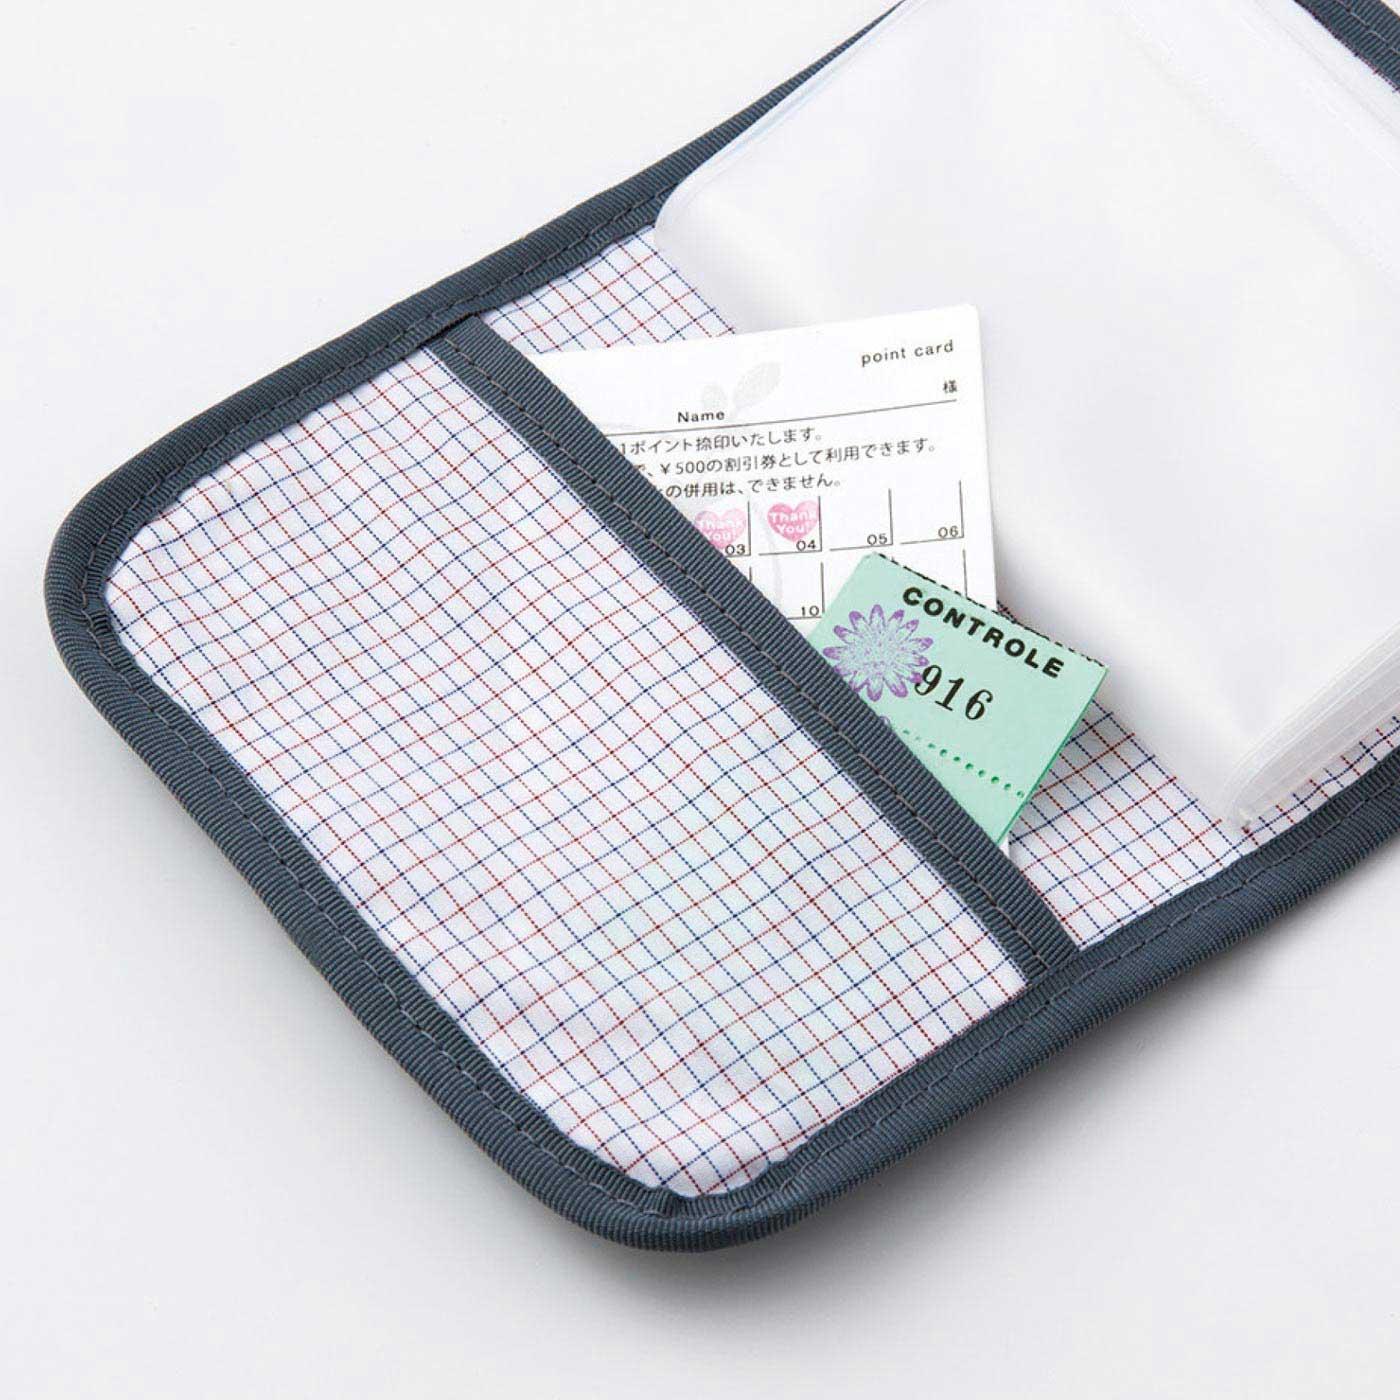 カードやクーポン、診察券などがすっぽり入る便利なポケット付き。